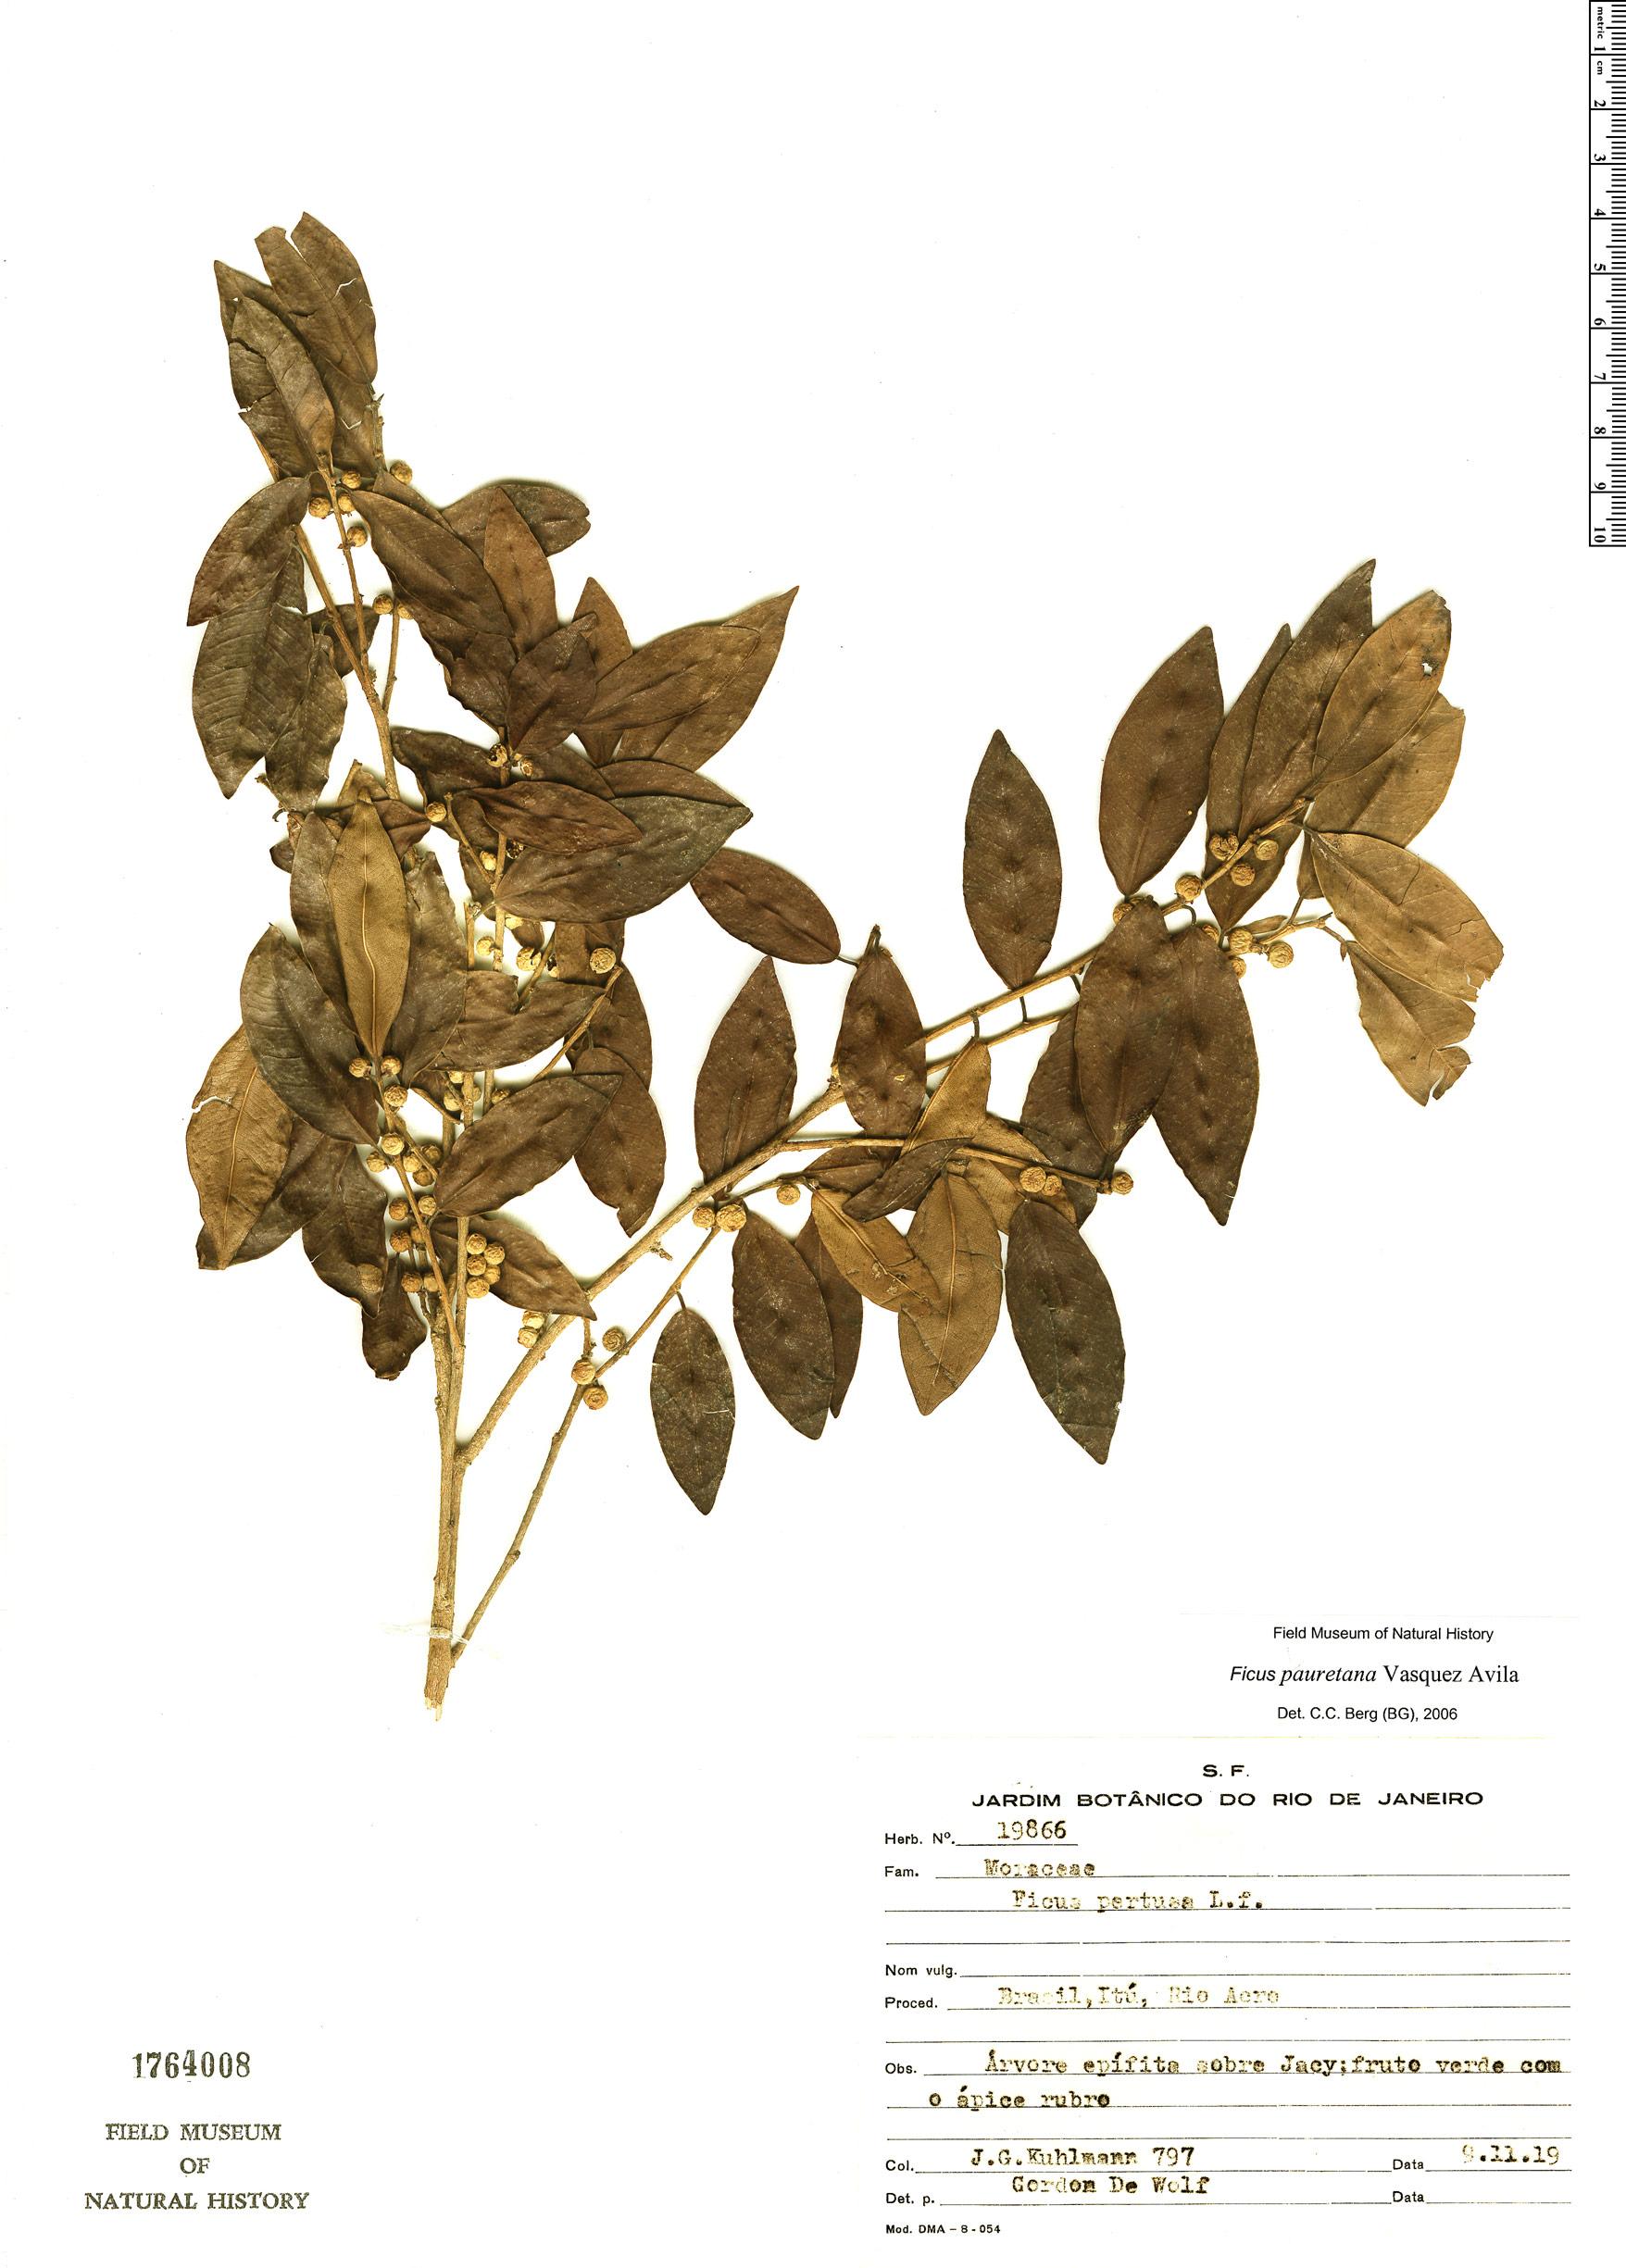 Specimen: Ficus lauretana